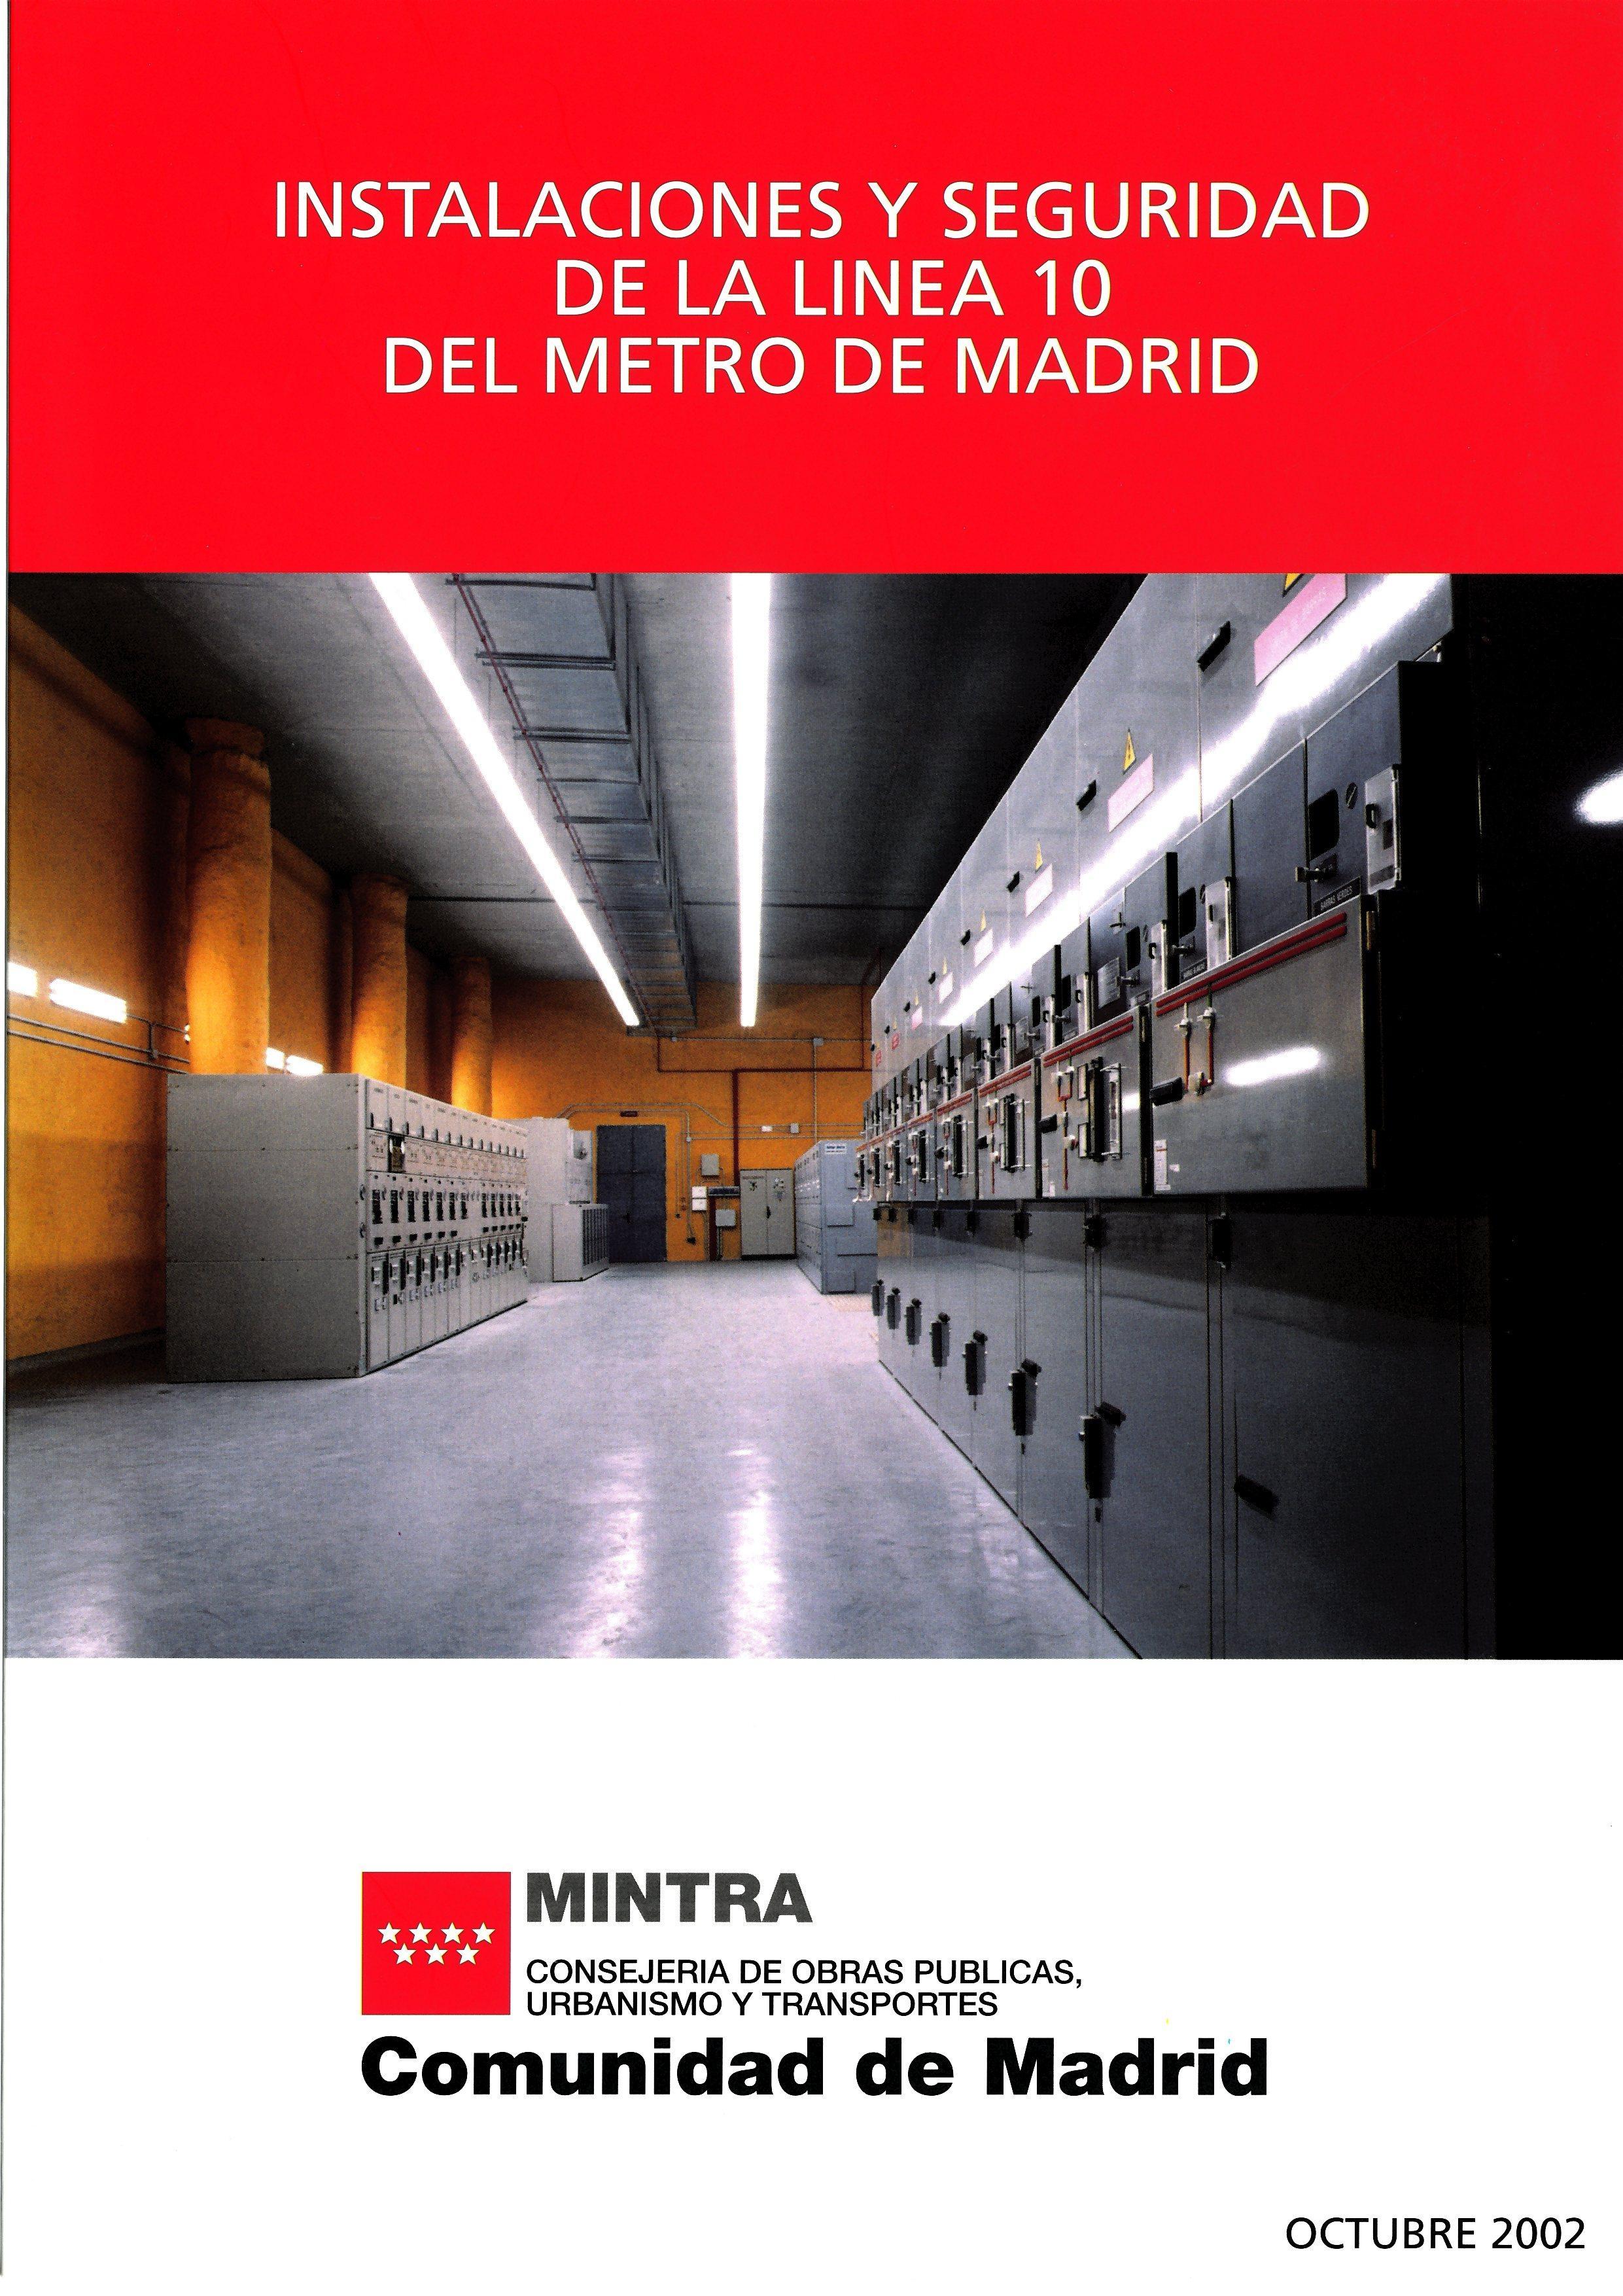 Carátula folleto instalaciones y seguridad L10